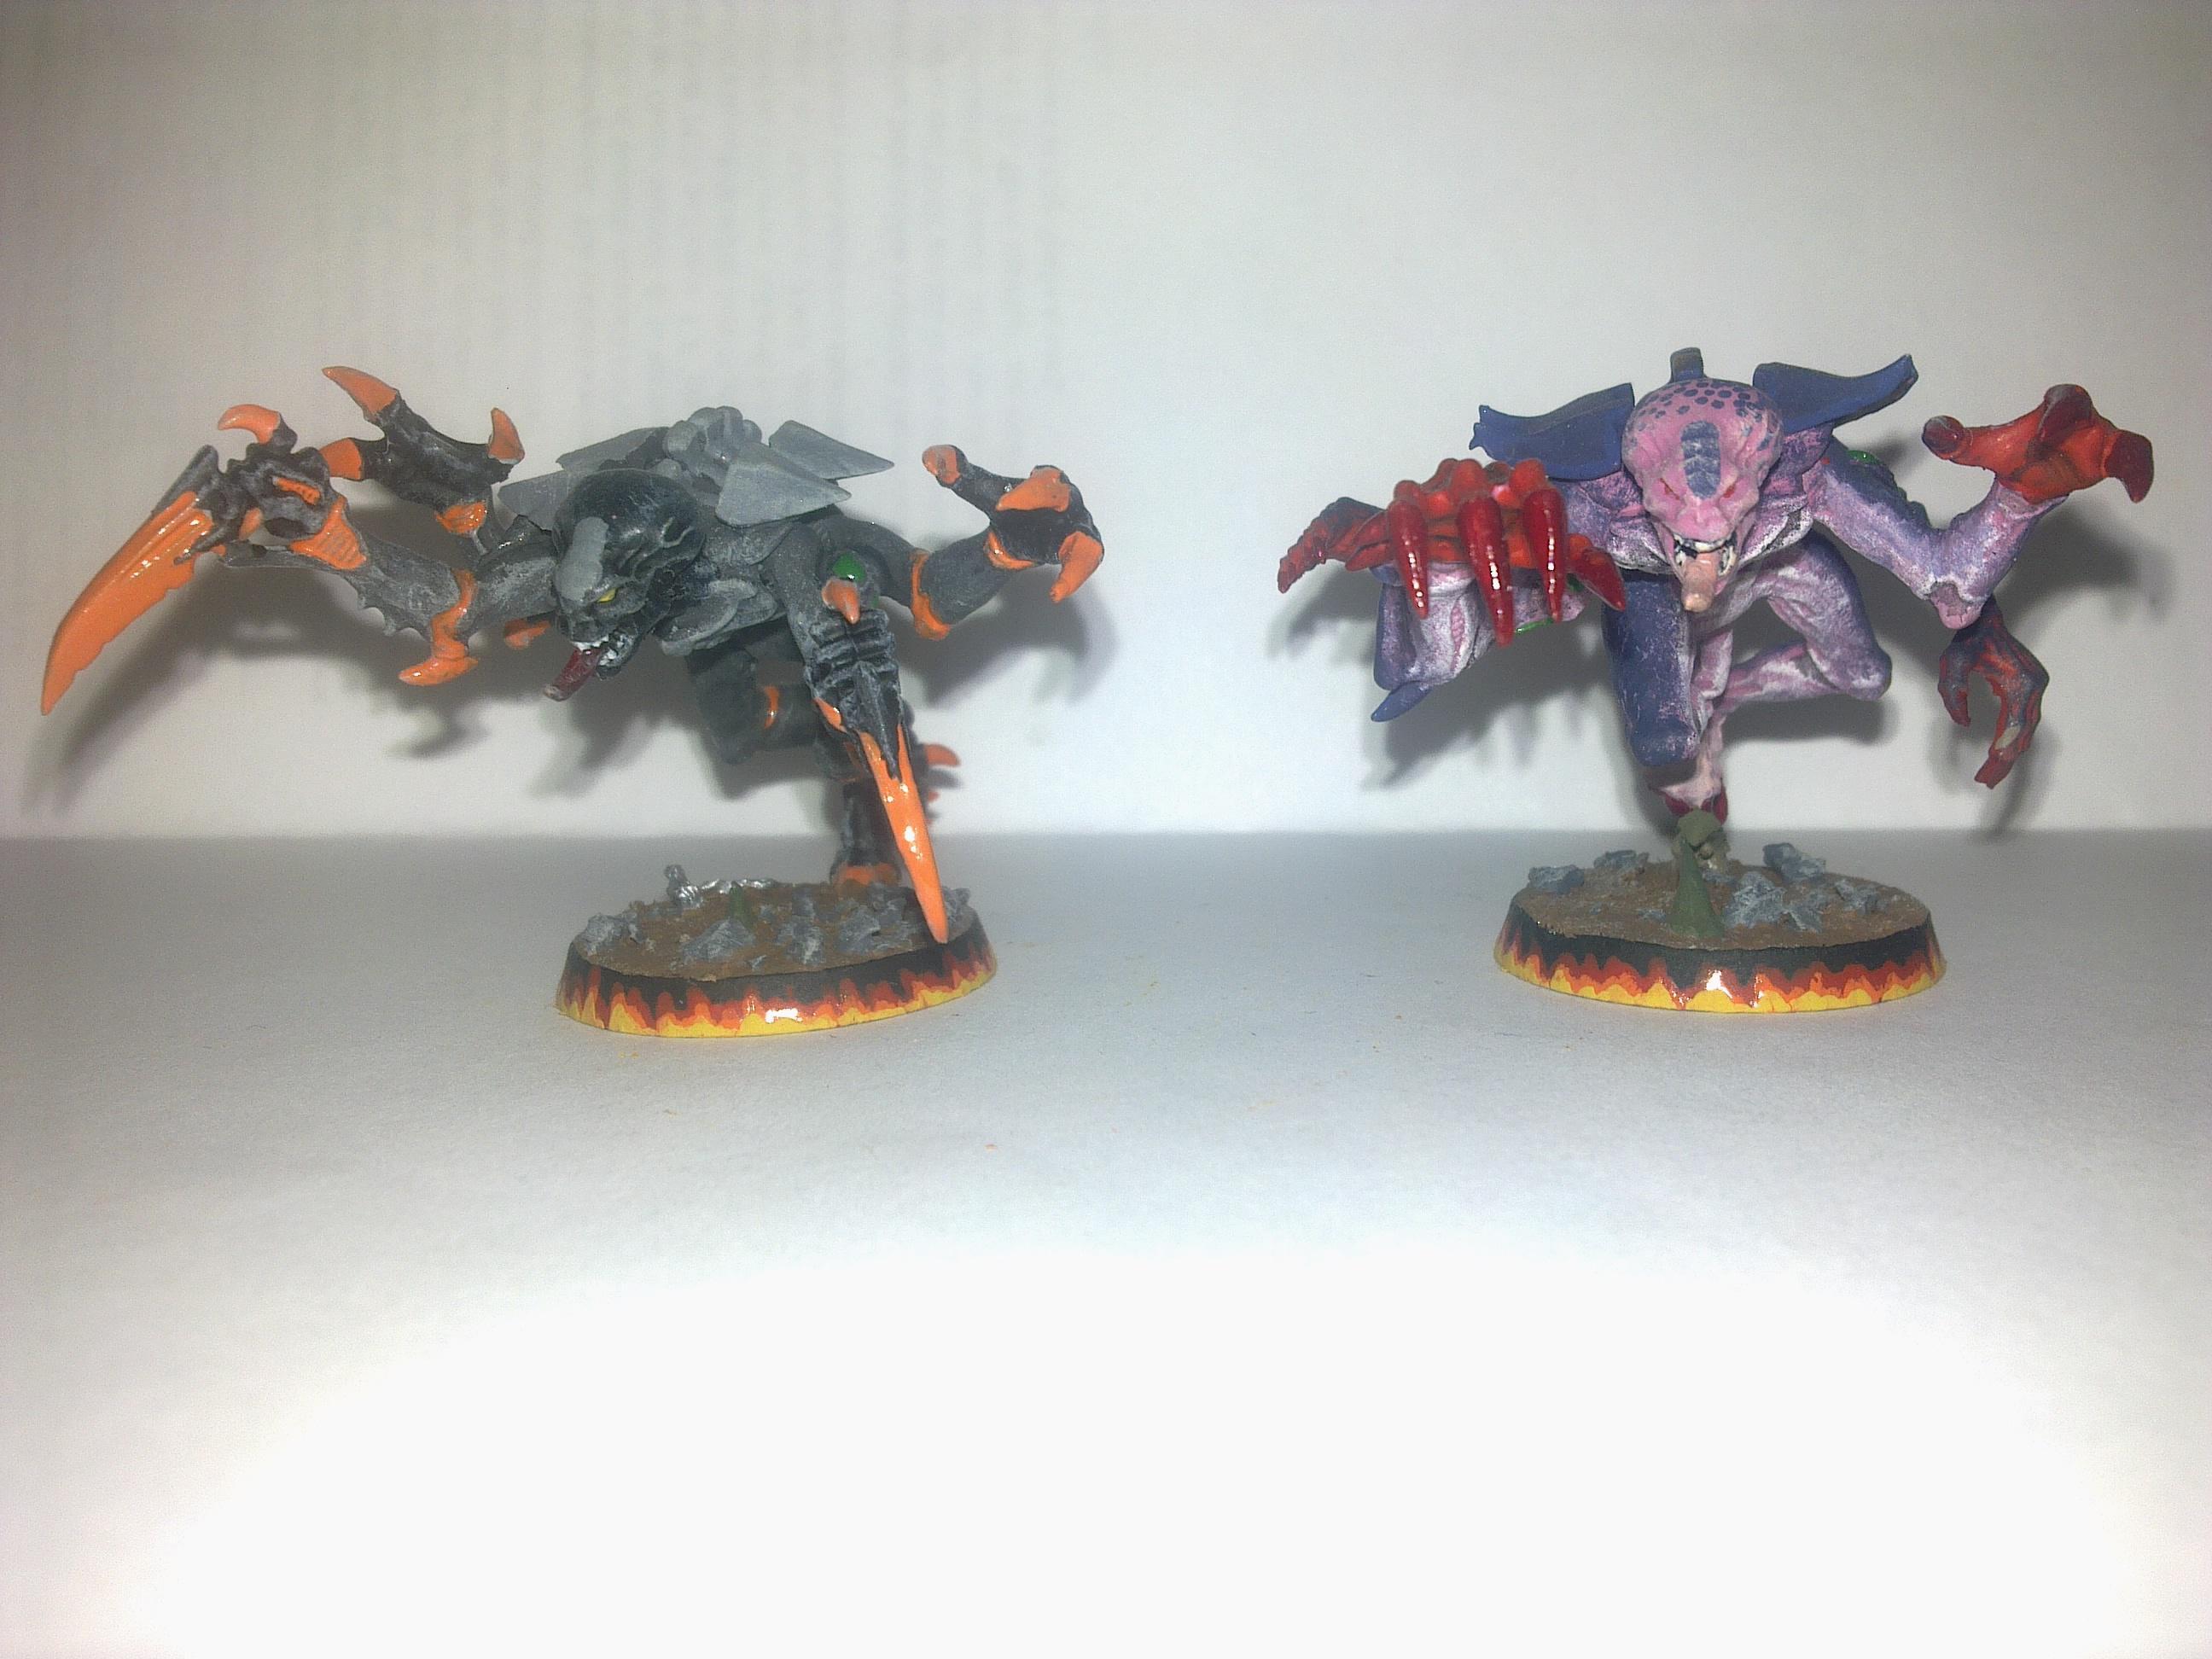 Genestealer, Tyranids, Warhammer 40,000